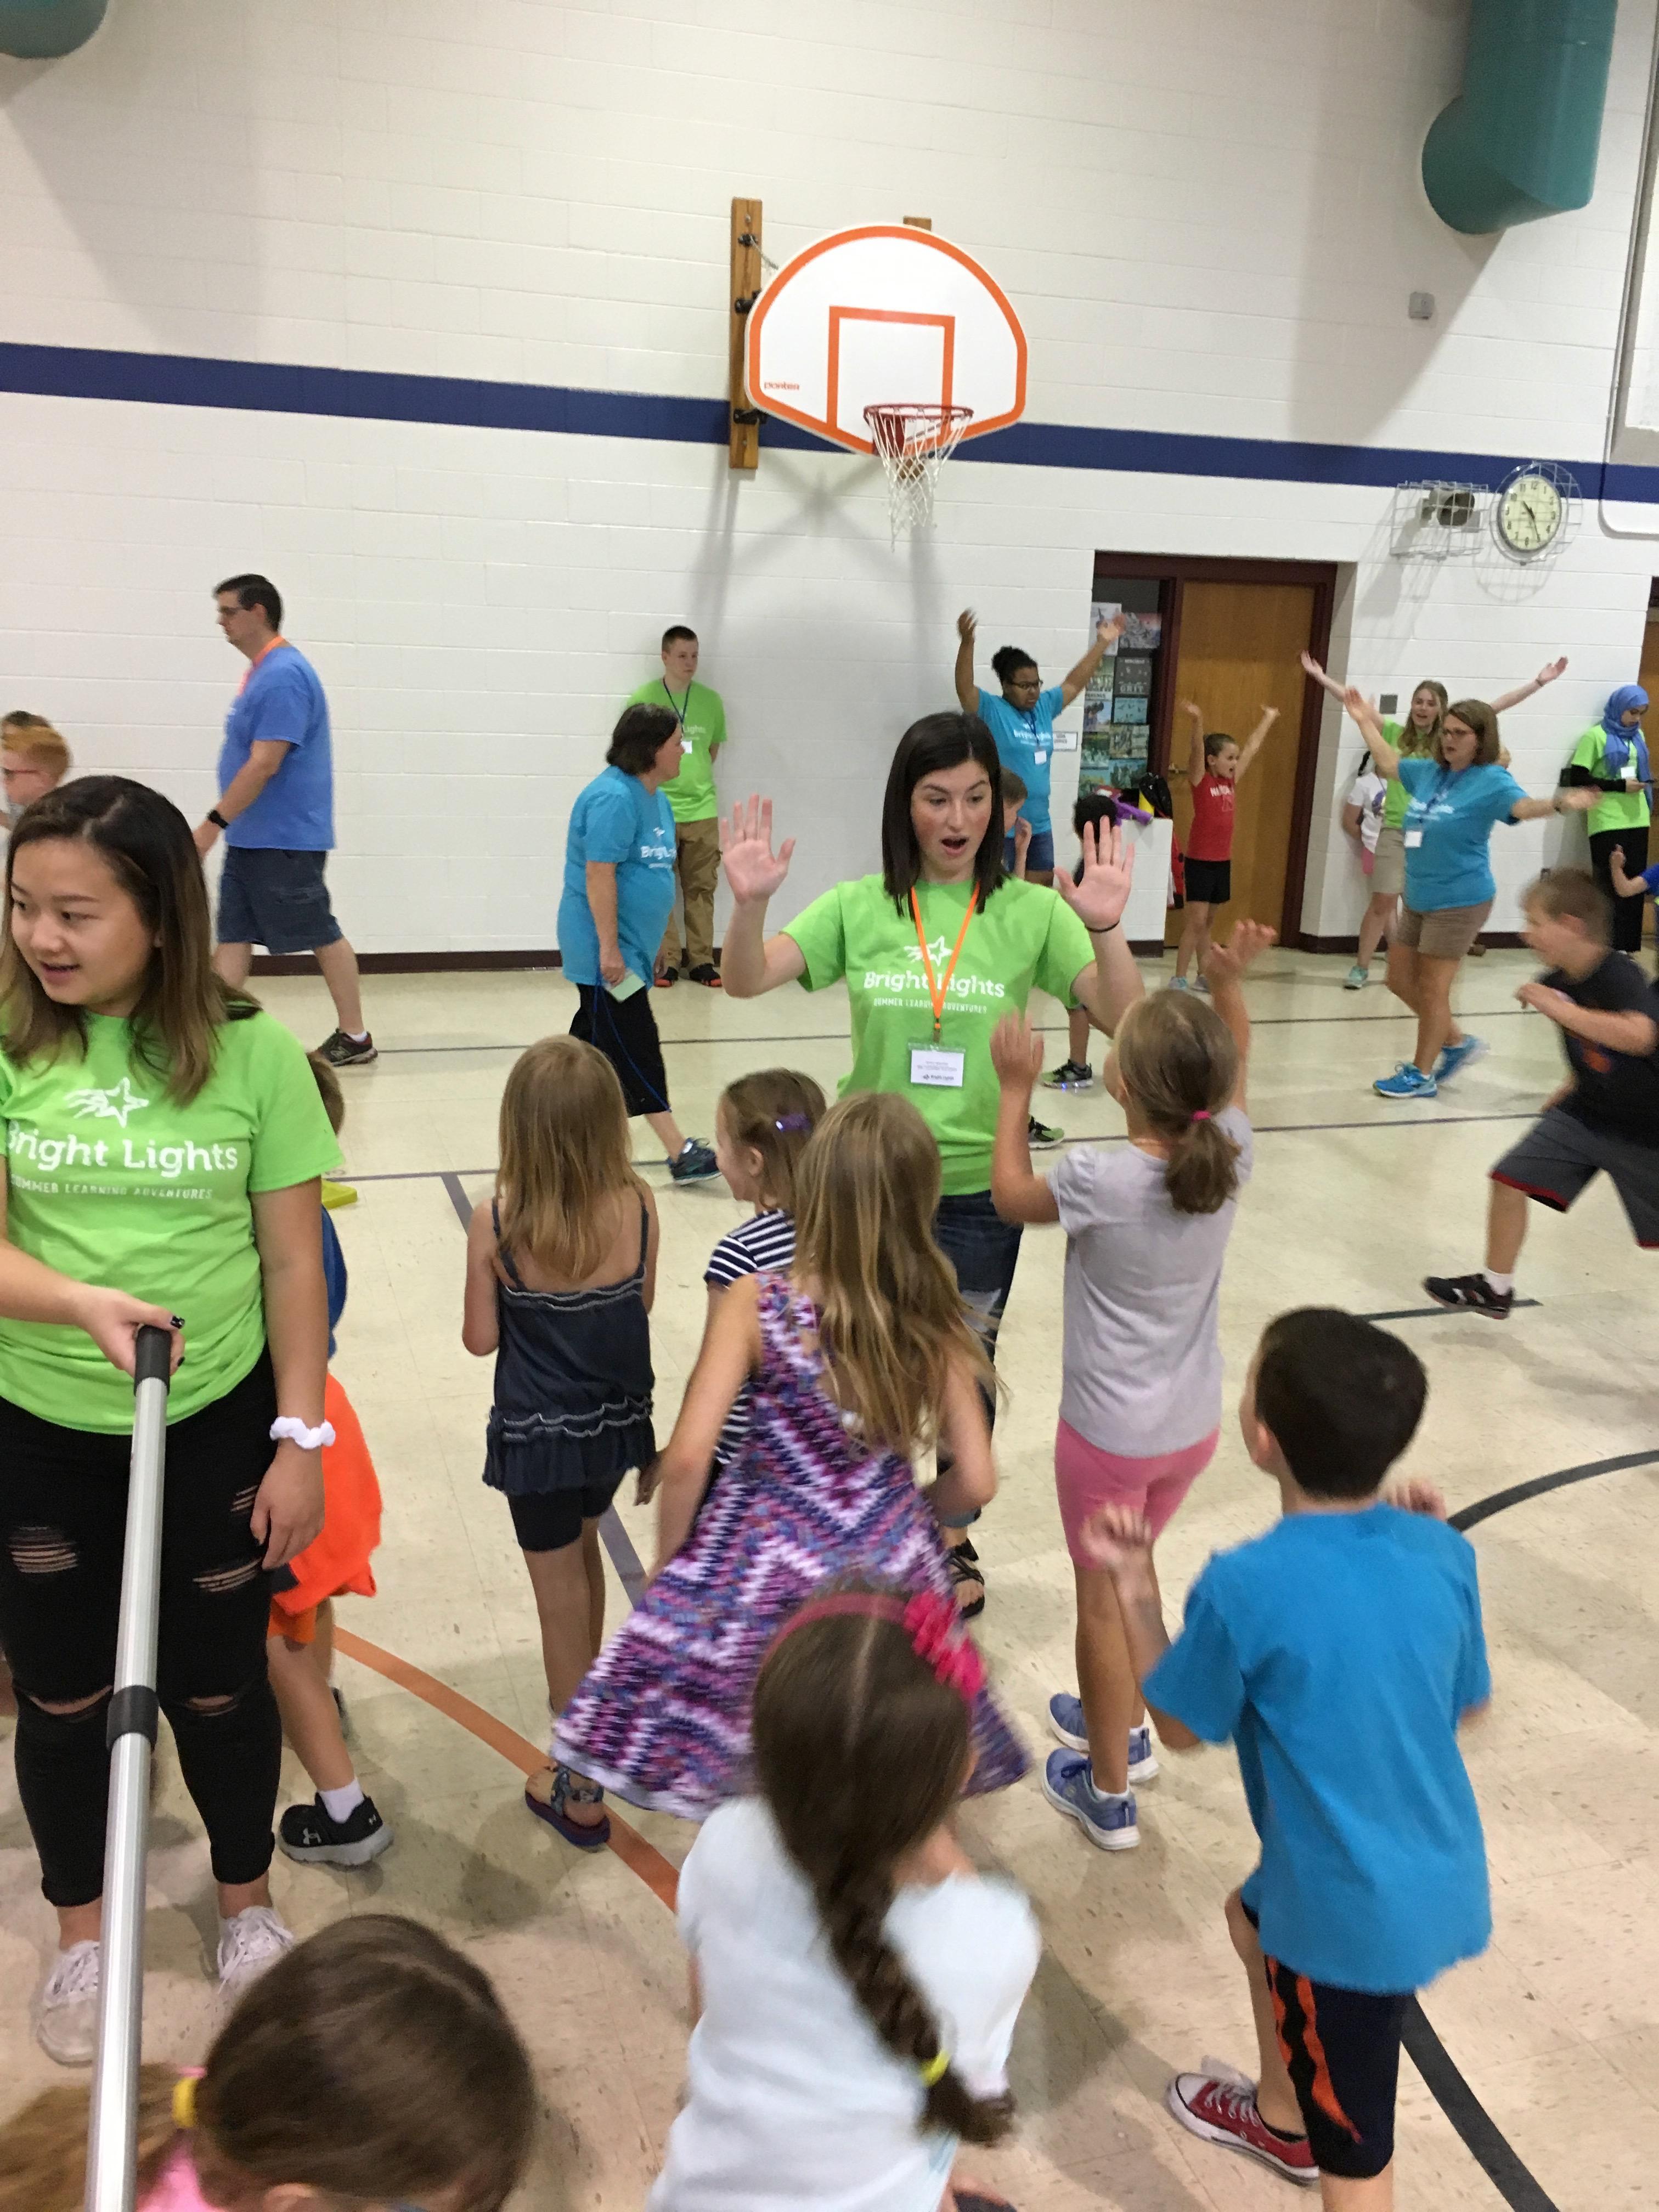 Class Assistant volunteers brighten classroom experience